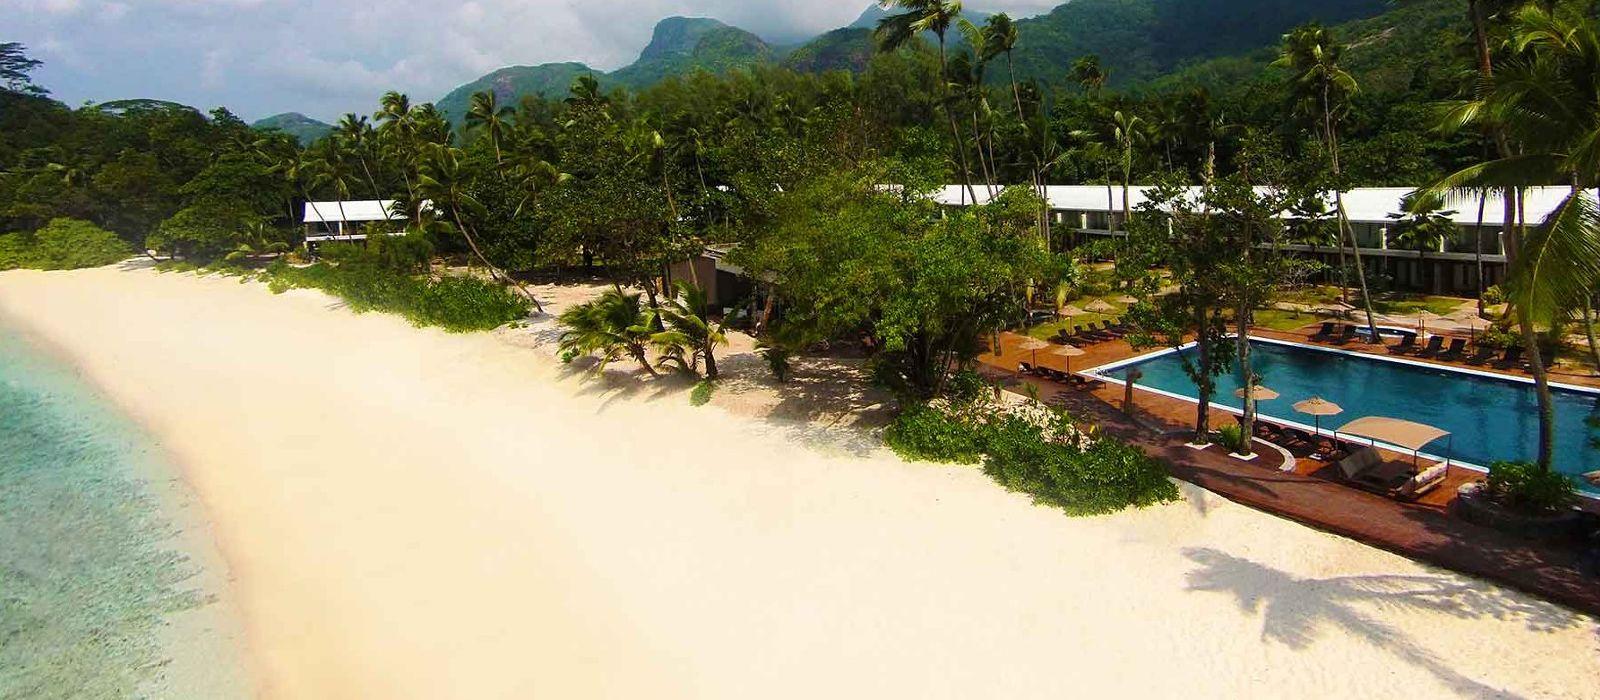 Seychellen: Höhepunkte des Inselparadieses Urlaub 4